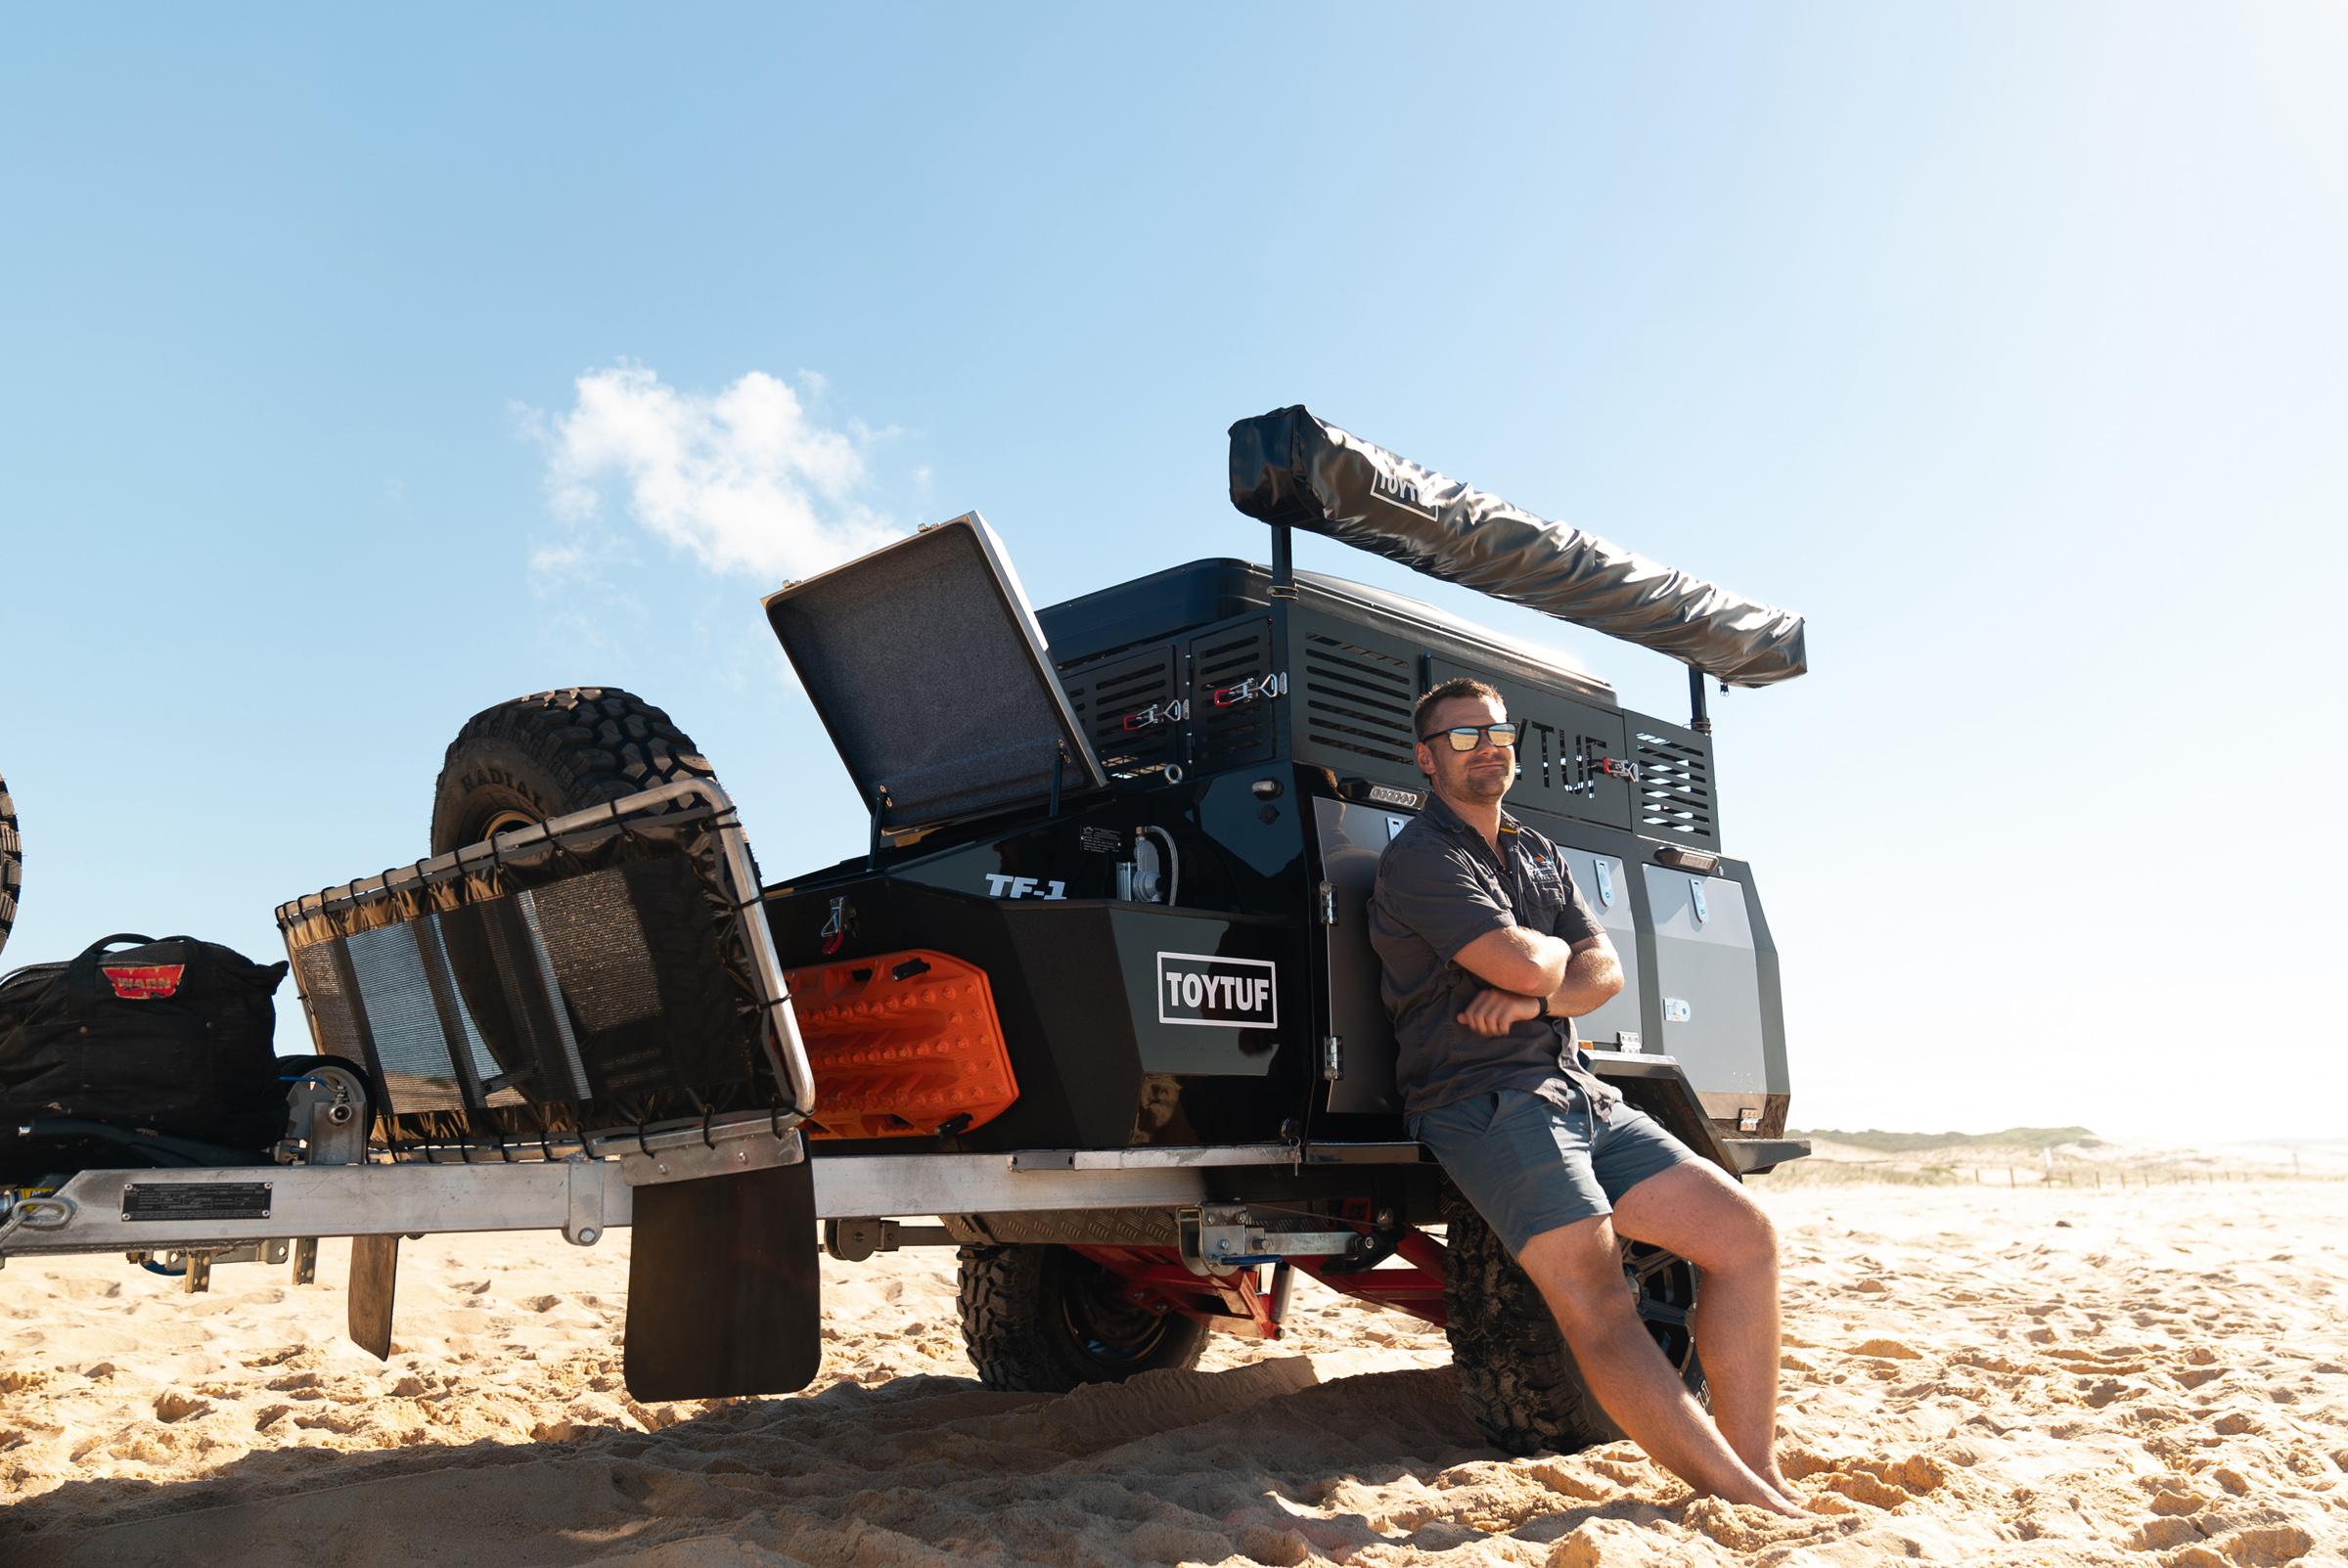 Man leaning on ToyTuf camper trailer